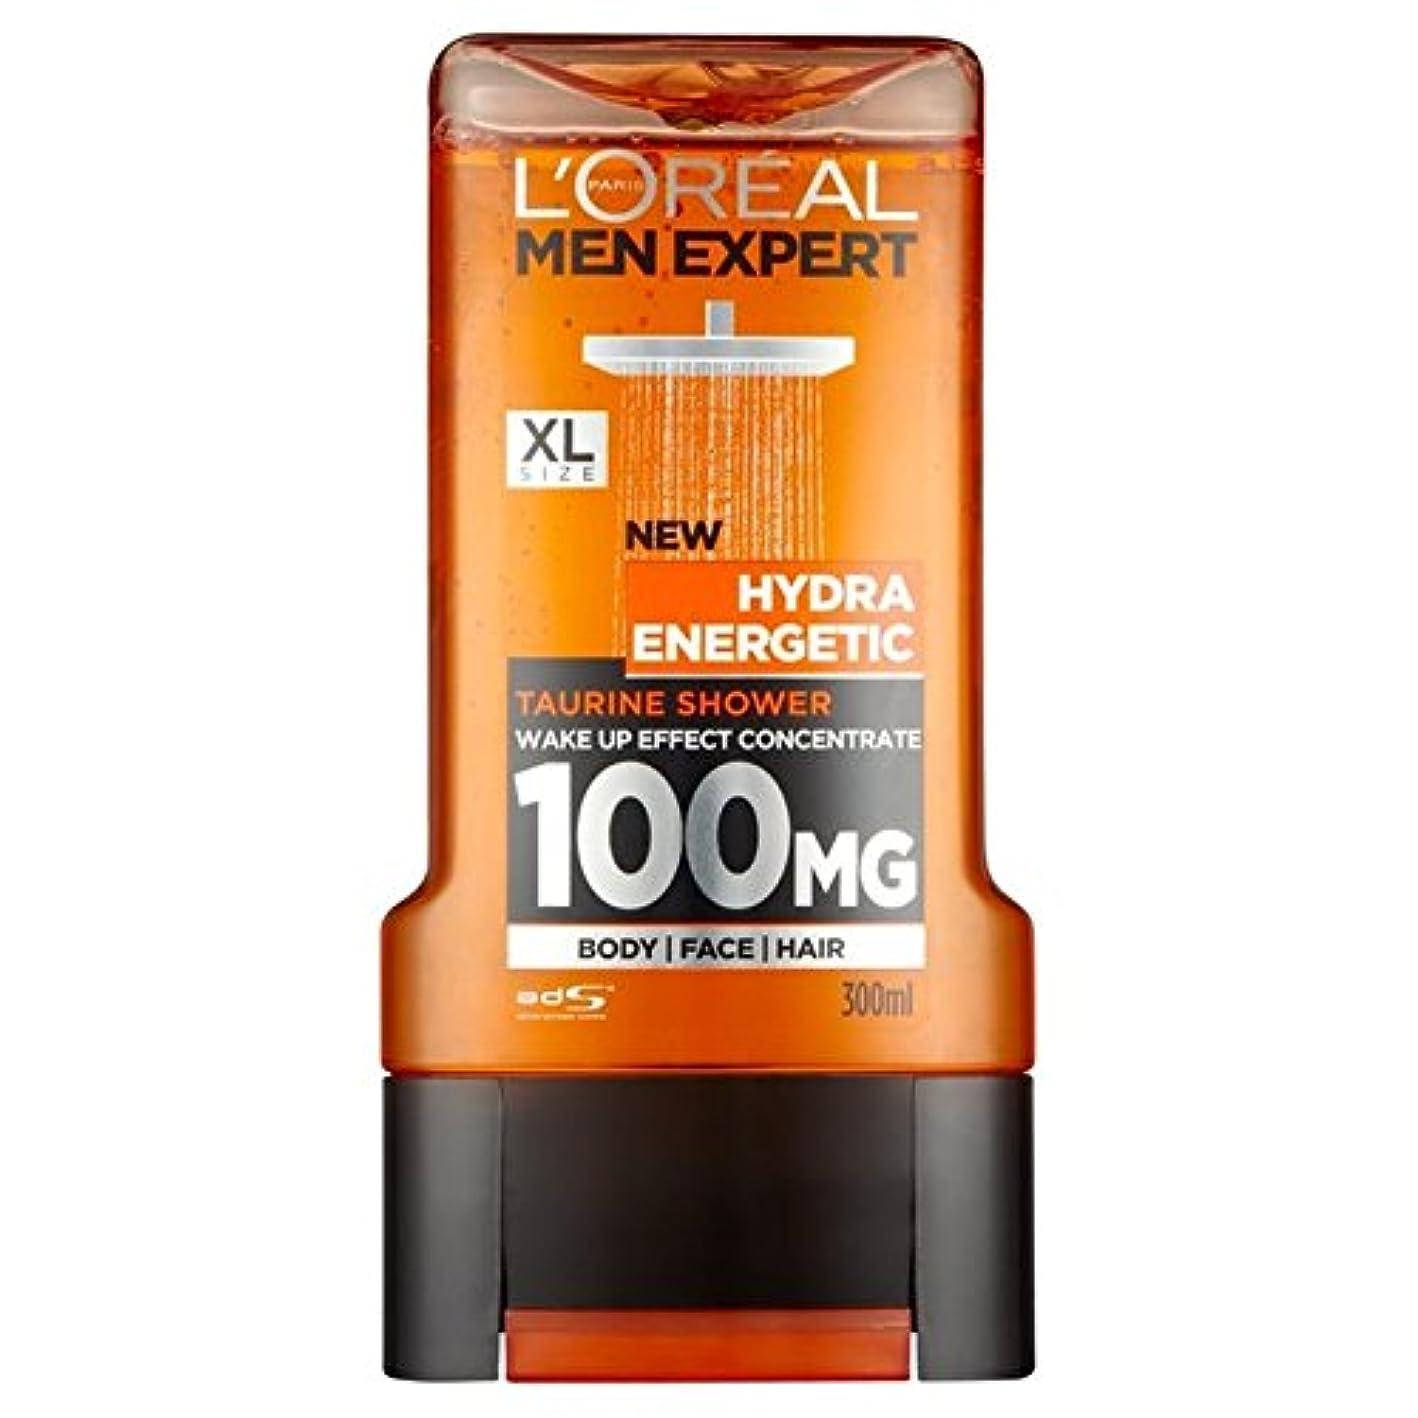 損傷機知に富んだ複製するロレアルパリのメンズ専門家ヒドラエネルギッシュなシャワージェル300ミリリットル x4 - L'Oreal Paris Men Expert Hydra Energetic Shower Gel 300ml (Pack of 4) [並行輸入品]